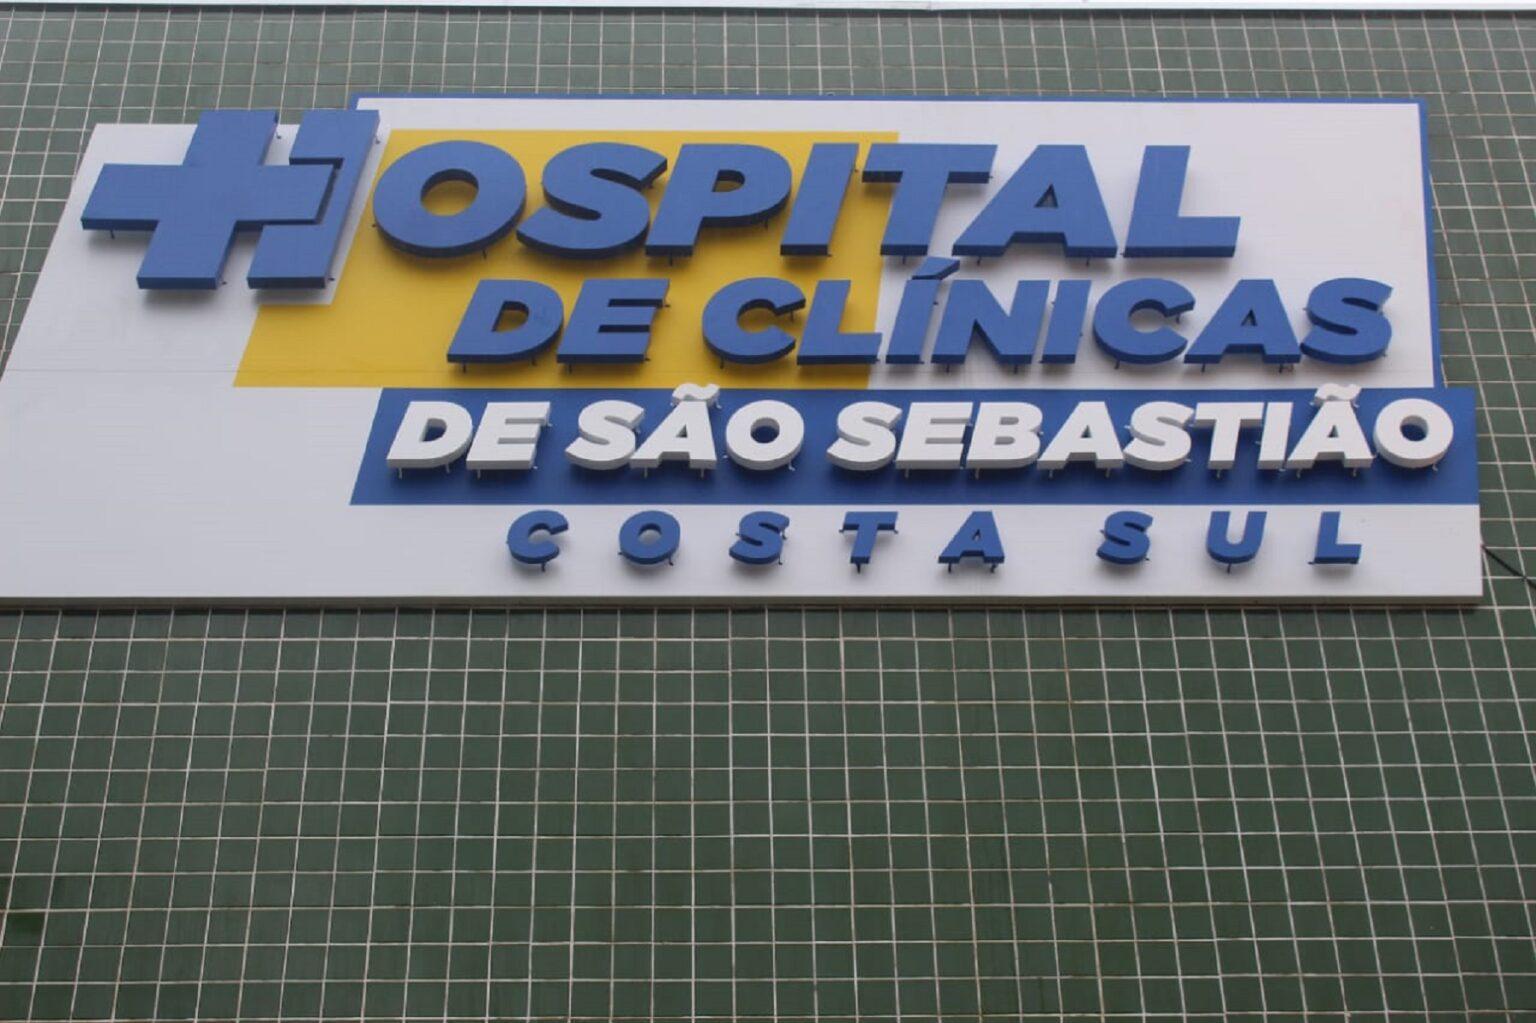 São Sebastião oferece o segundo melhor 'acesso à saúde pública' de São Paulo, avalia o Ranking Nacional de Competitividade dos Municípios